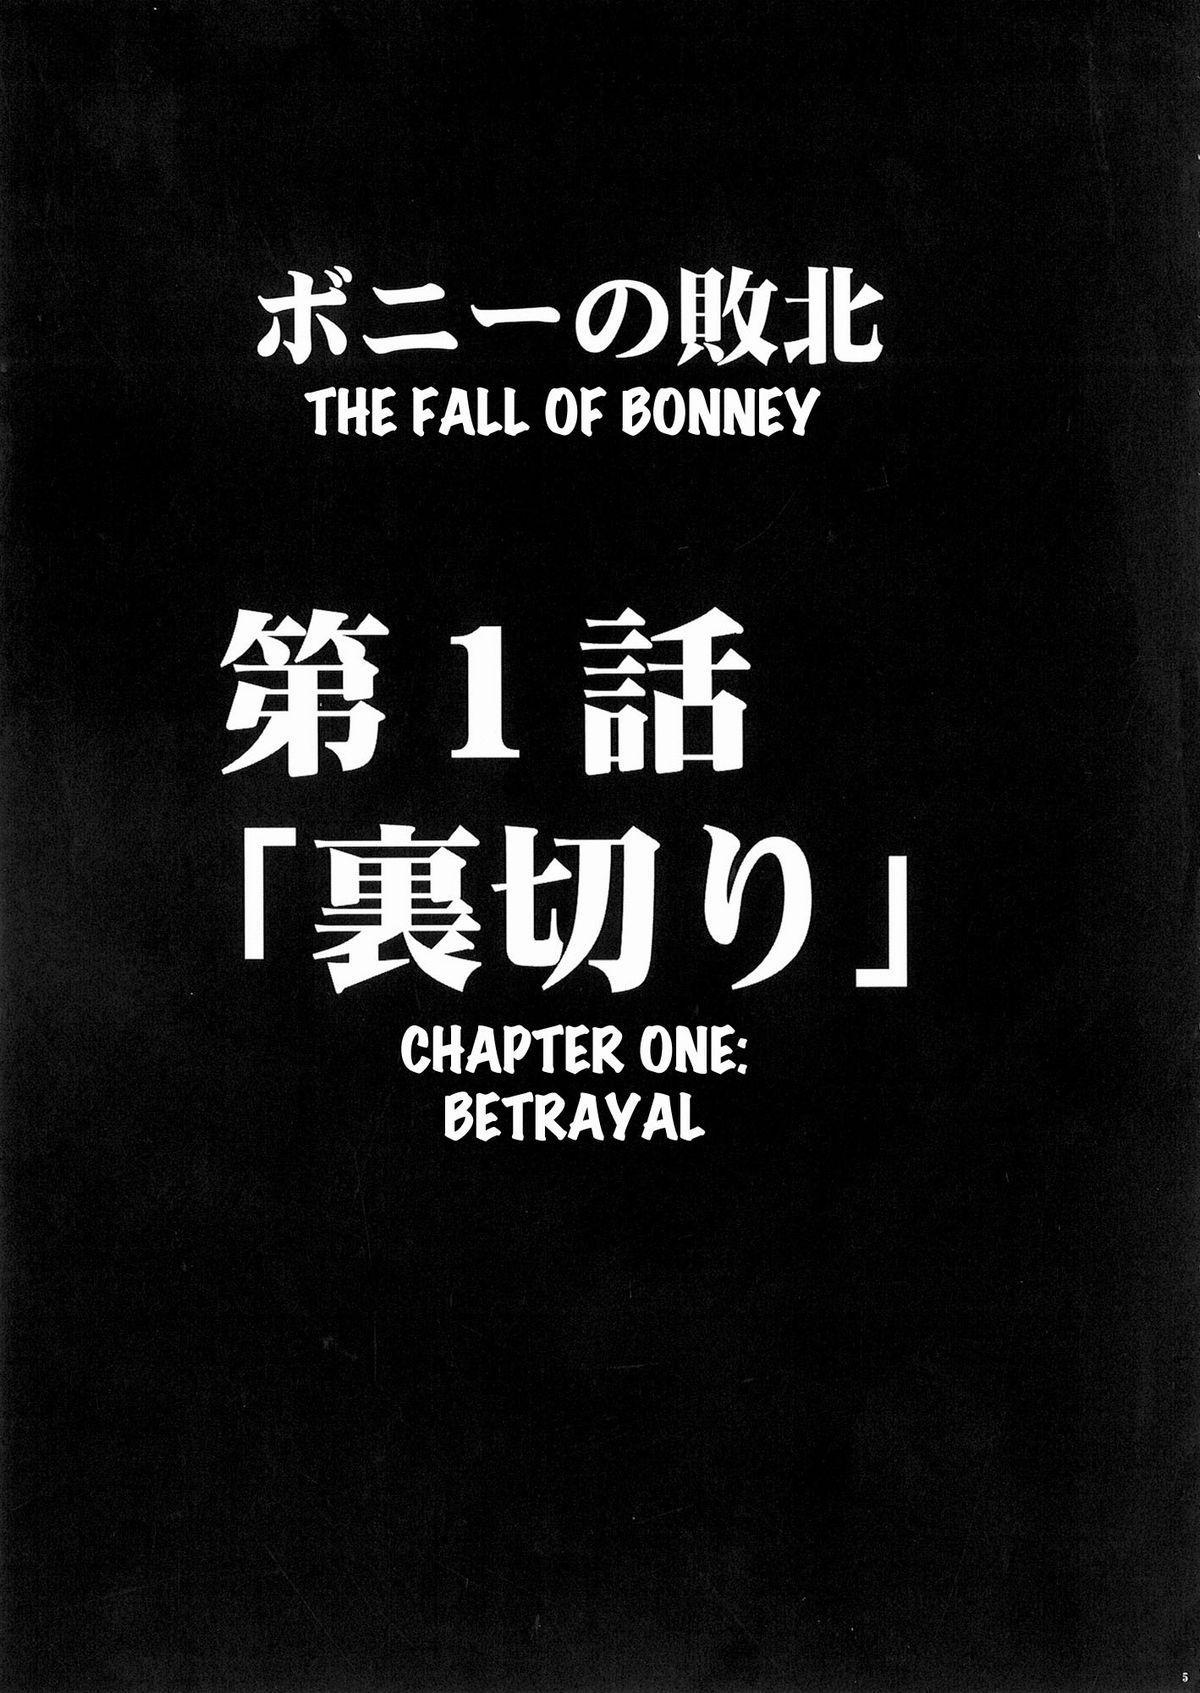 Bonnie no Haiboku   Bonney's Defeat 5